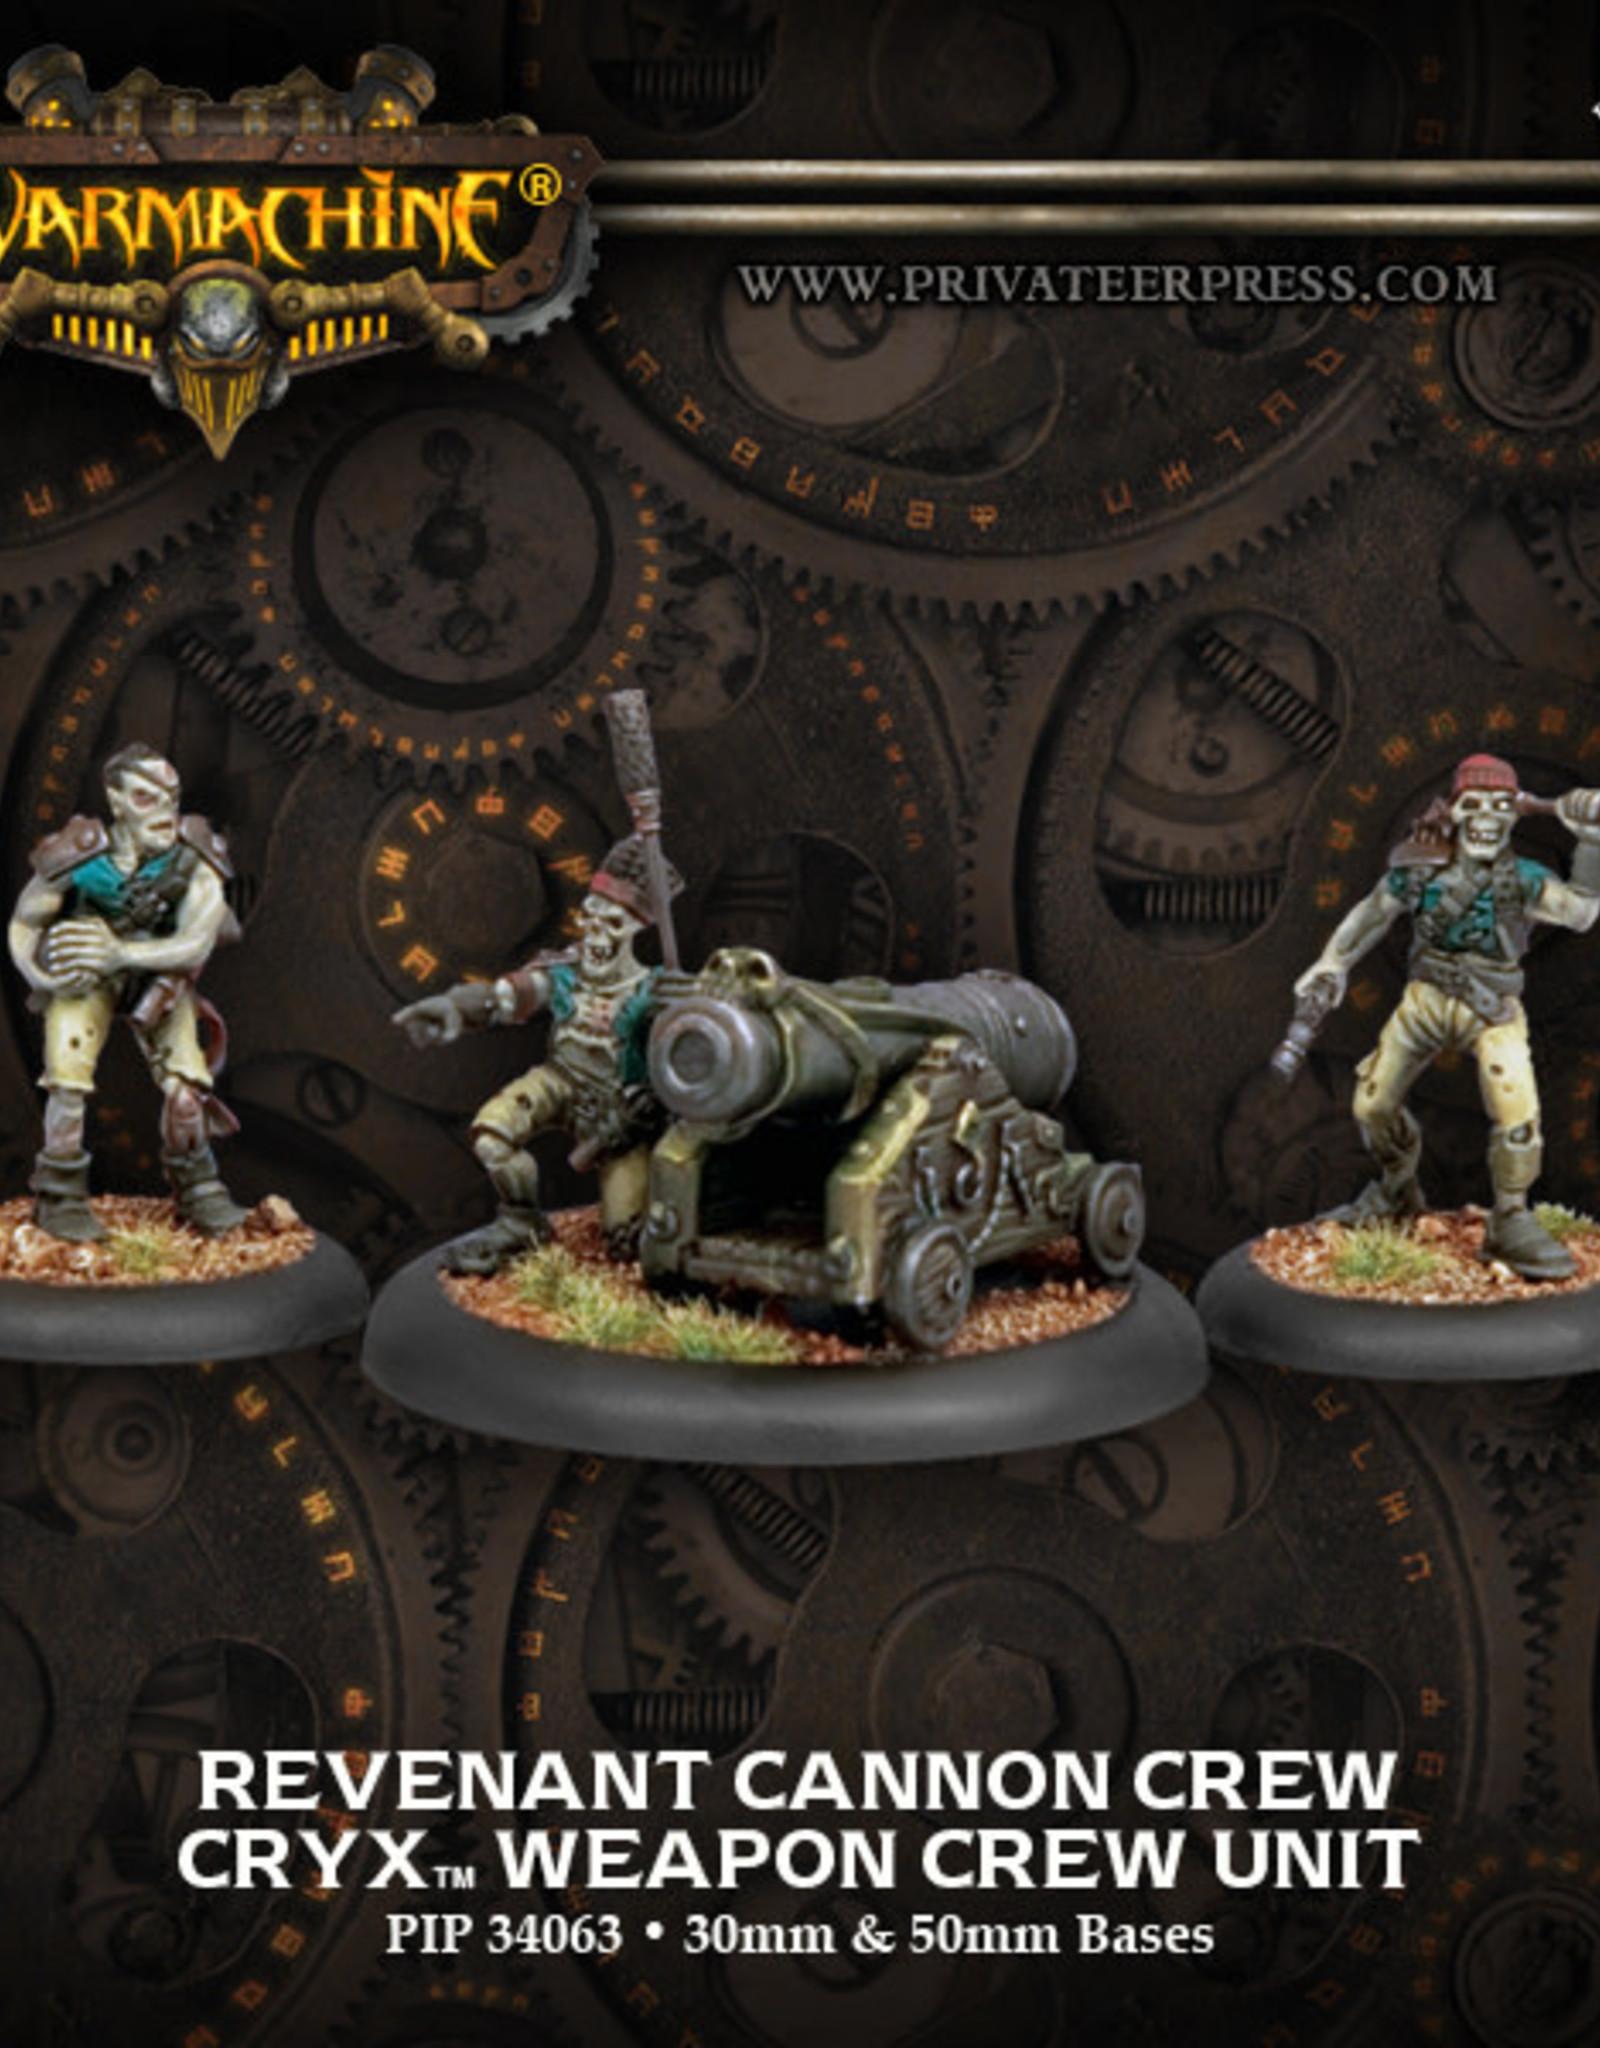 Warmachine Cryx - Revenant Cannon Crew